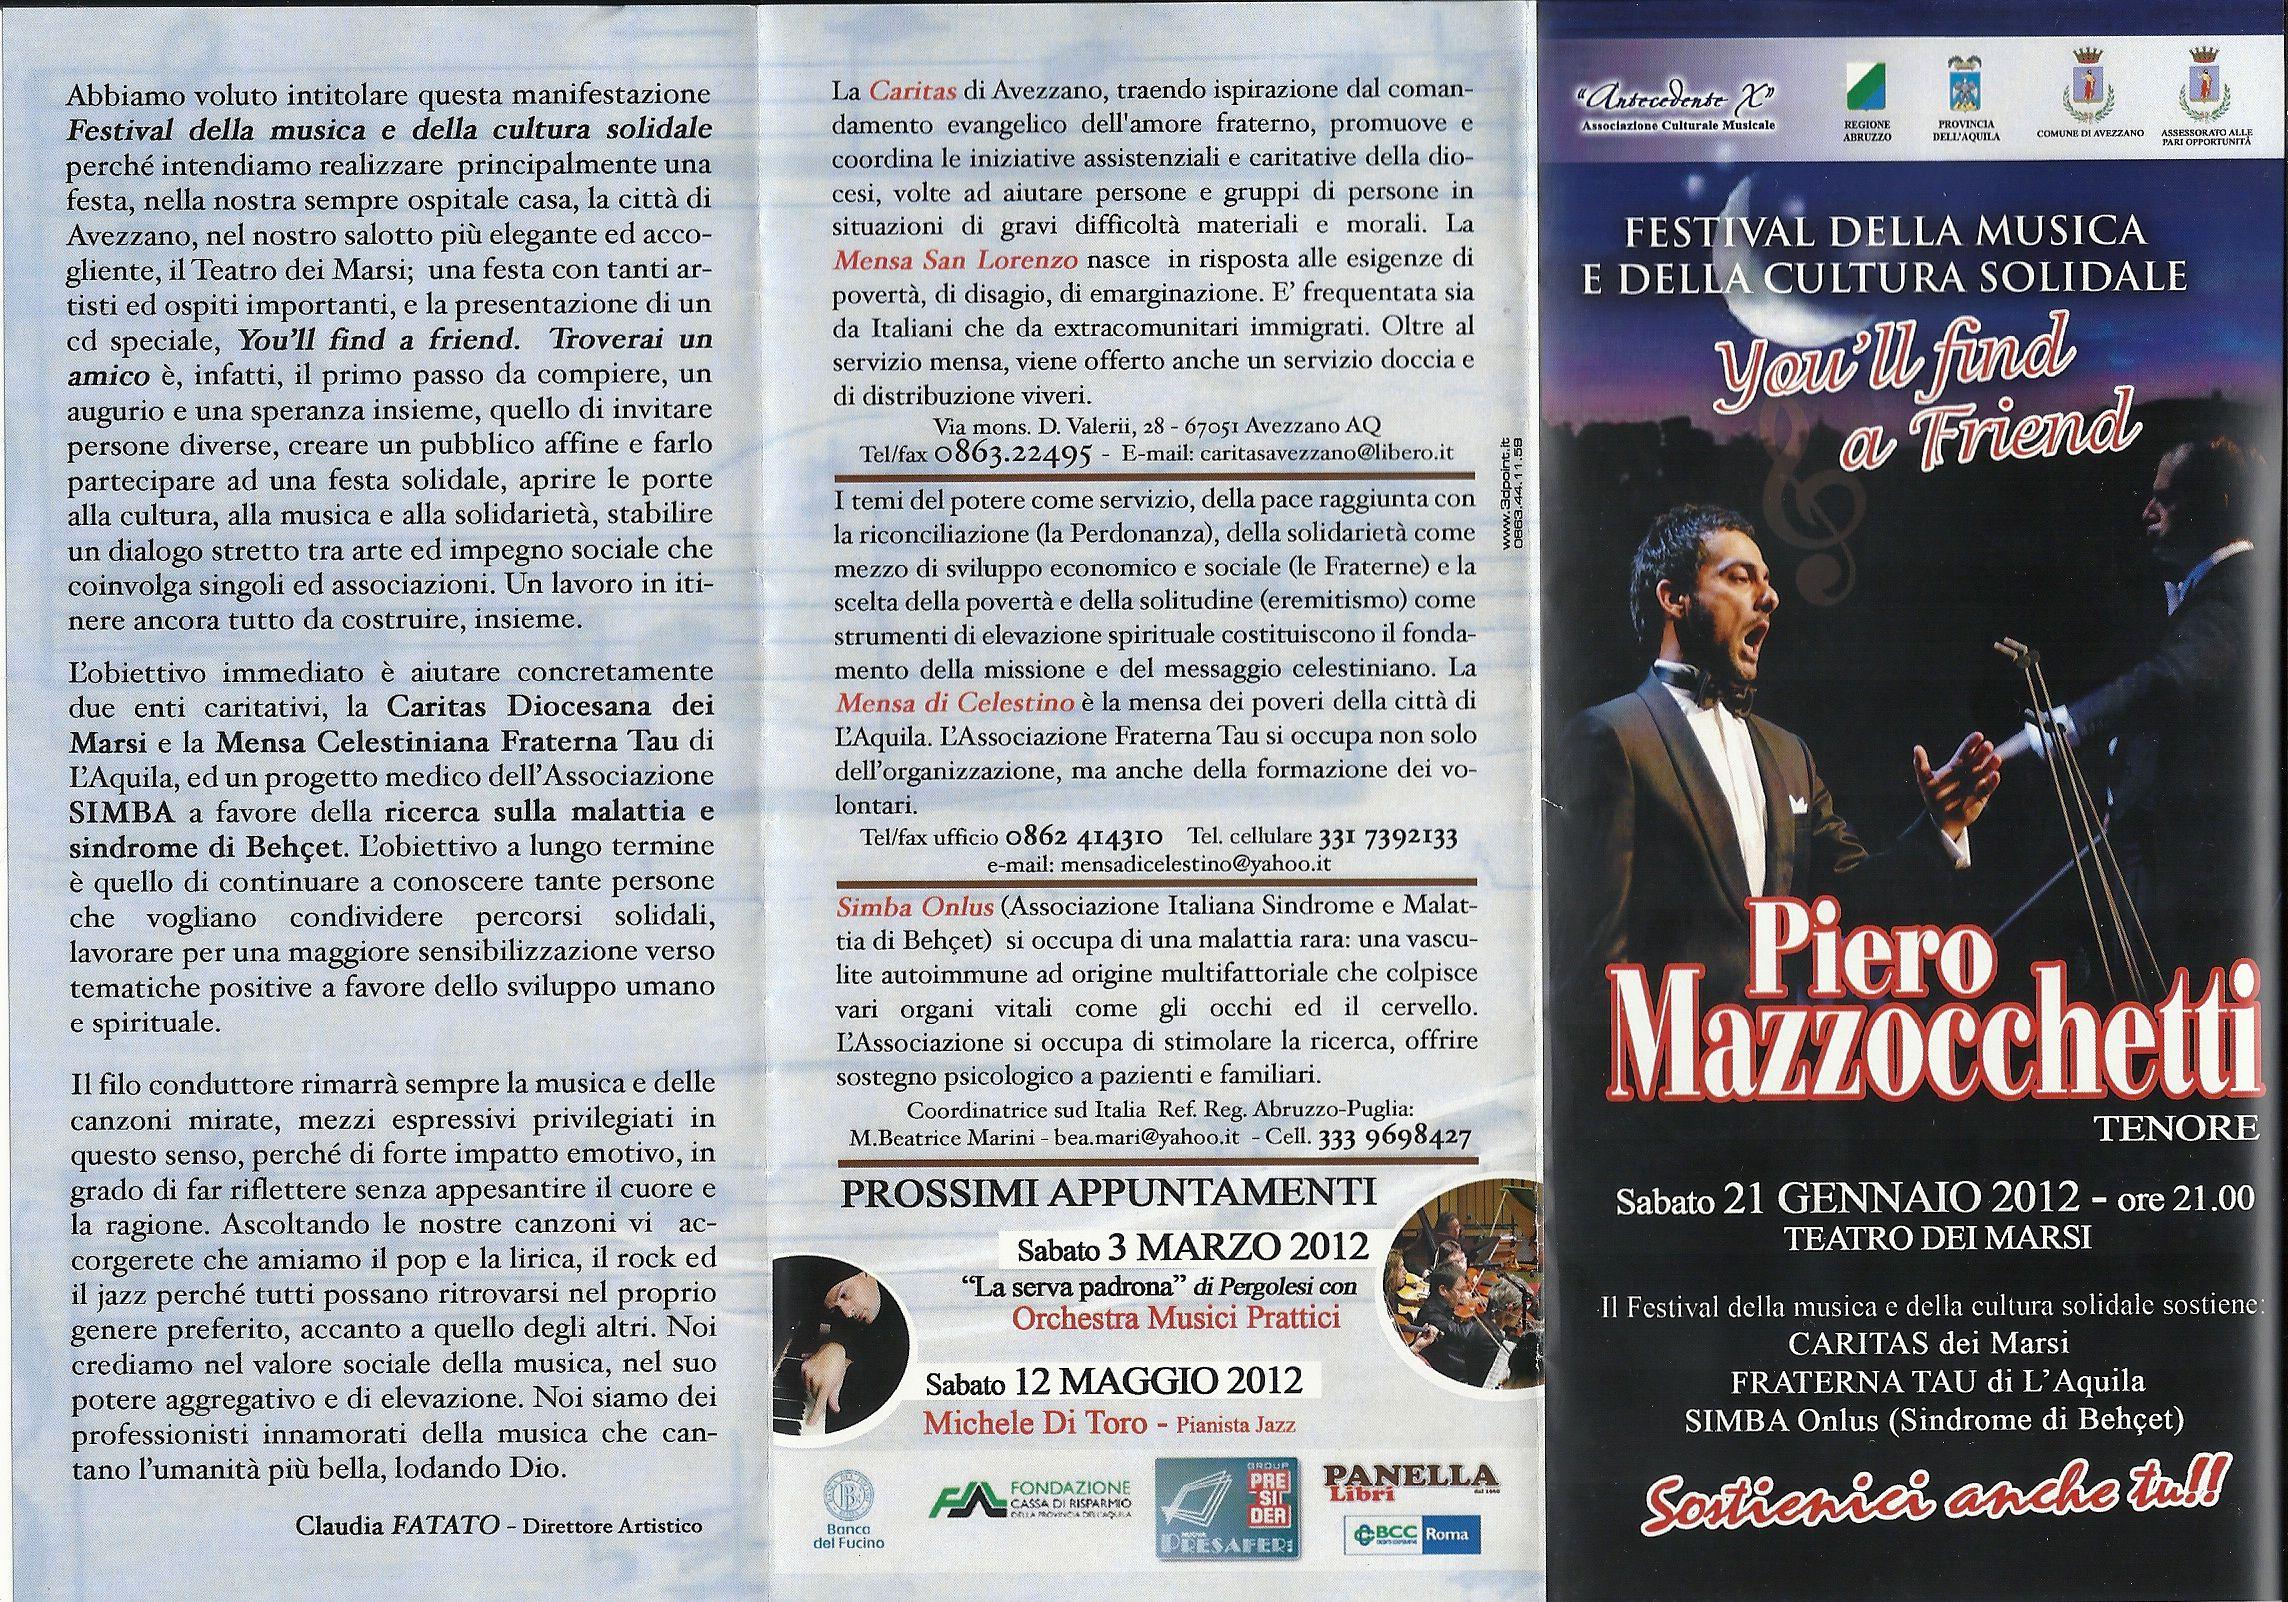 1 per simba Avezzano Teatro dei Marsi Festival della  musica e cultura solidale 21 genn 20122